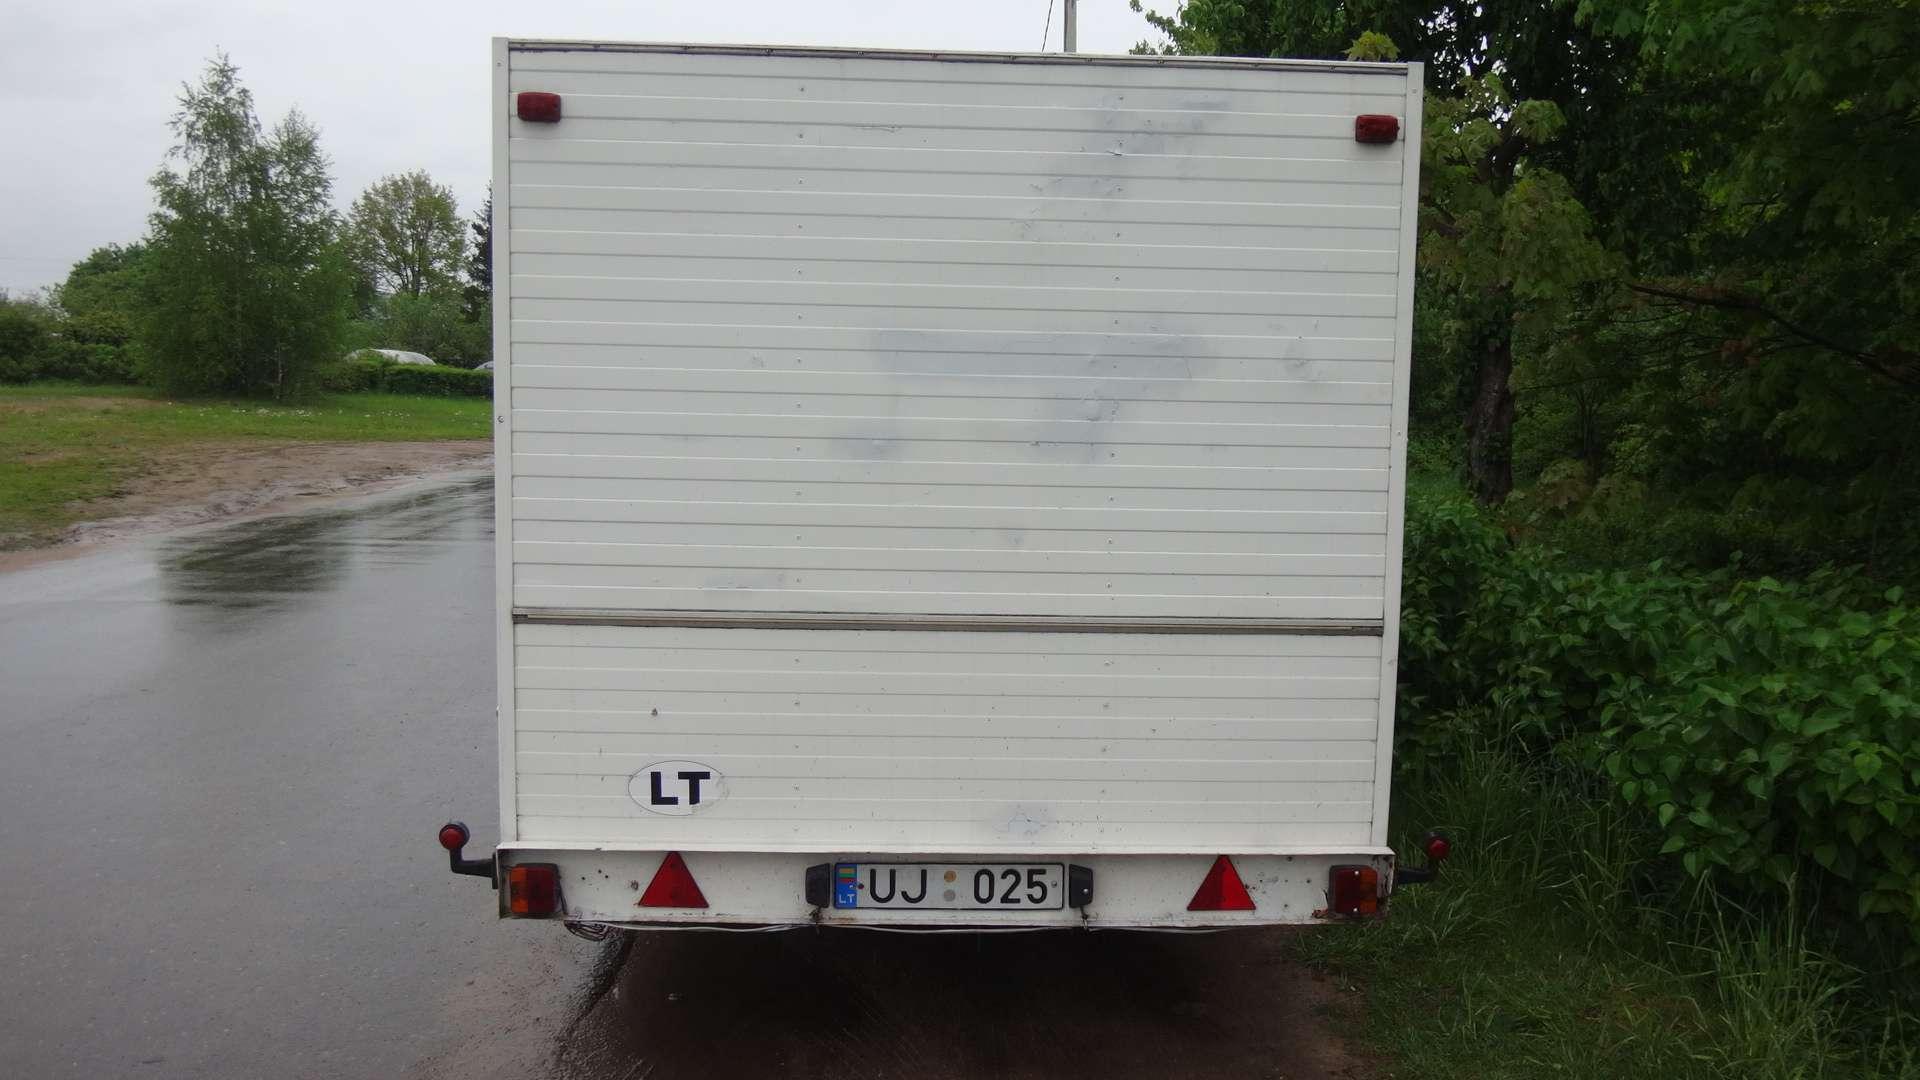 PAAS 1 2003 m. 3 kub. m priekabų nuoma Vilniuje